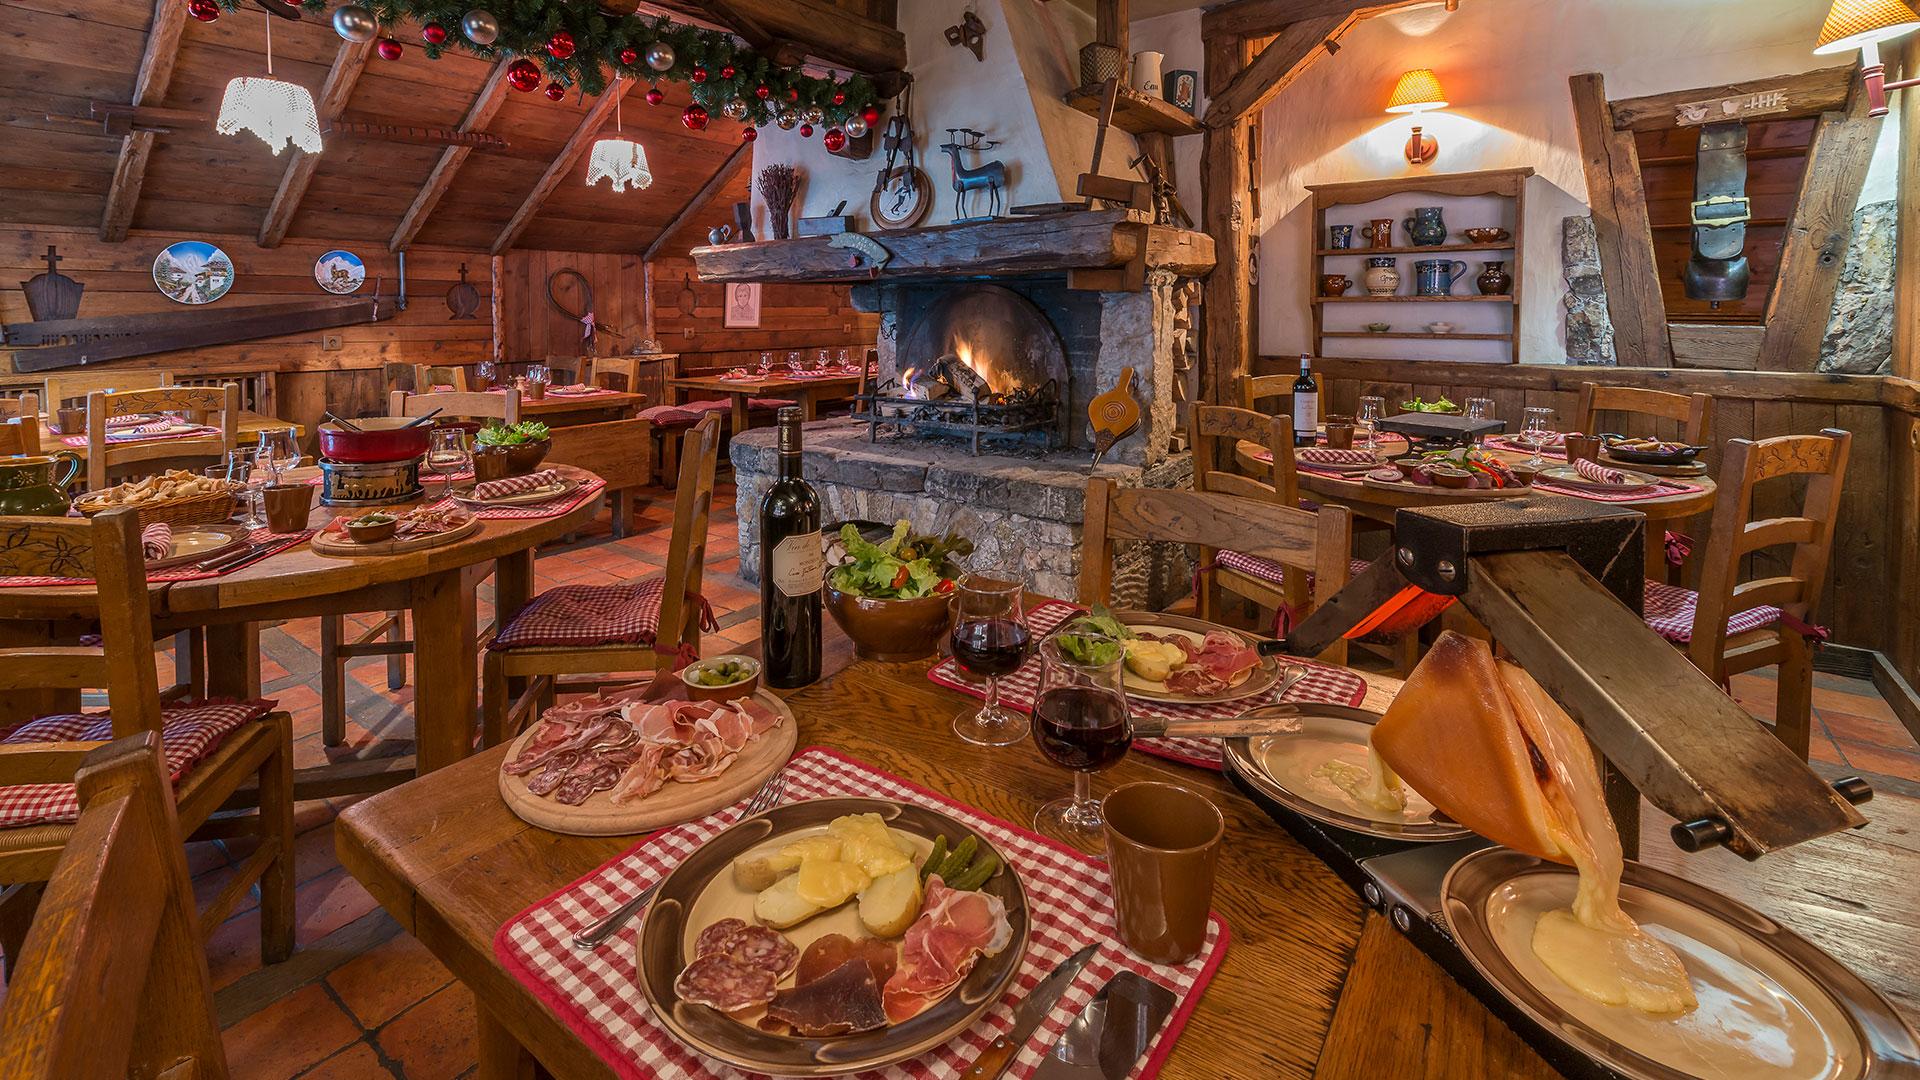 Restaurant de raclette 3 vallées